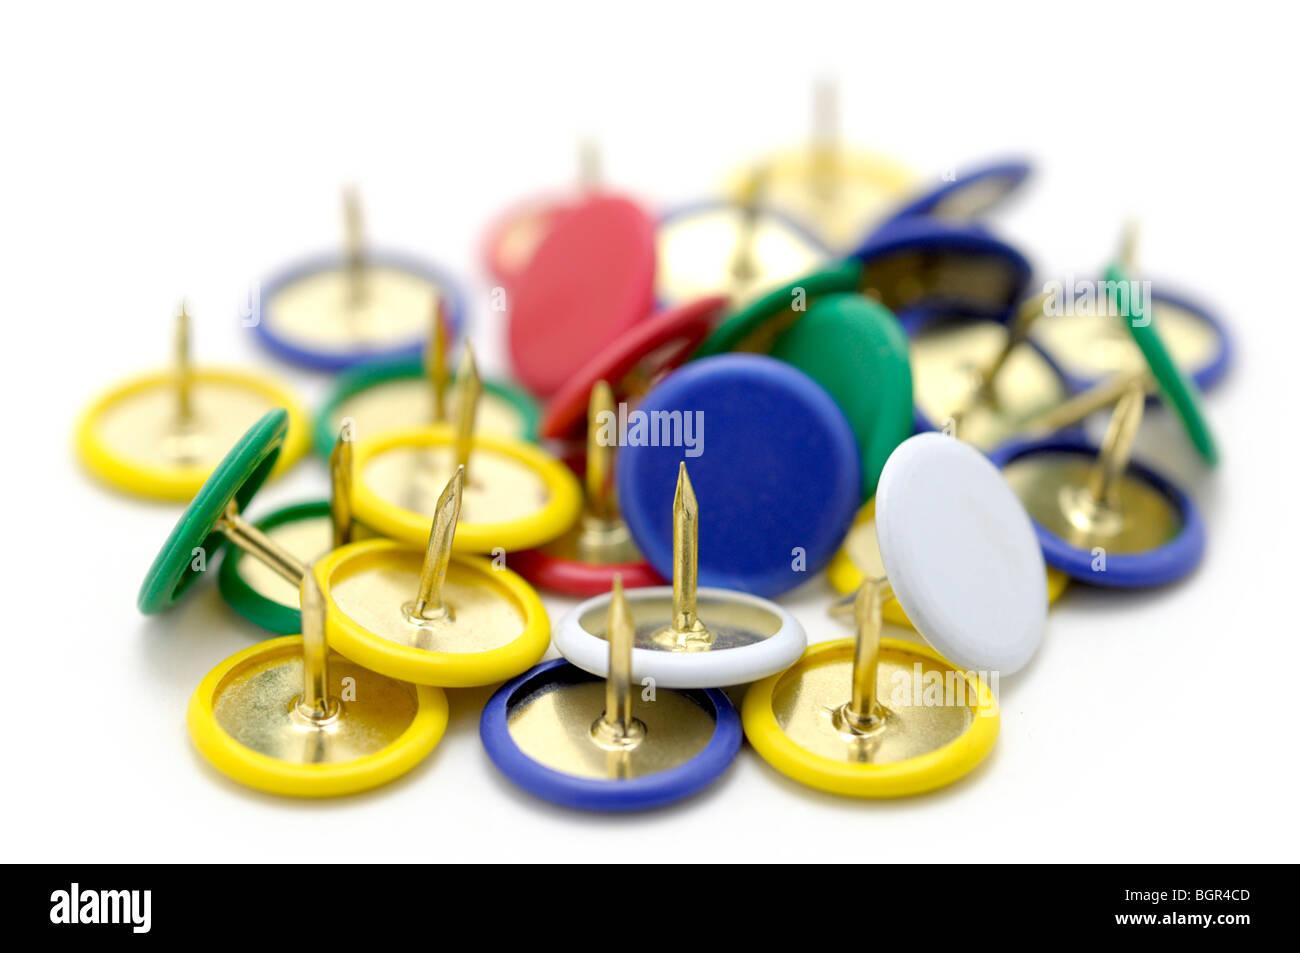 Thumb Tacks/ Push Pins - Stock Image